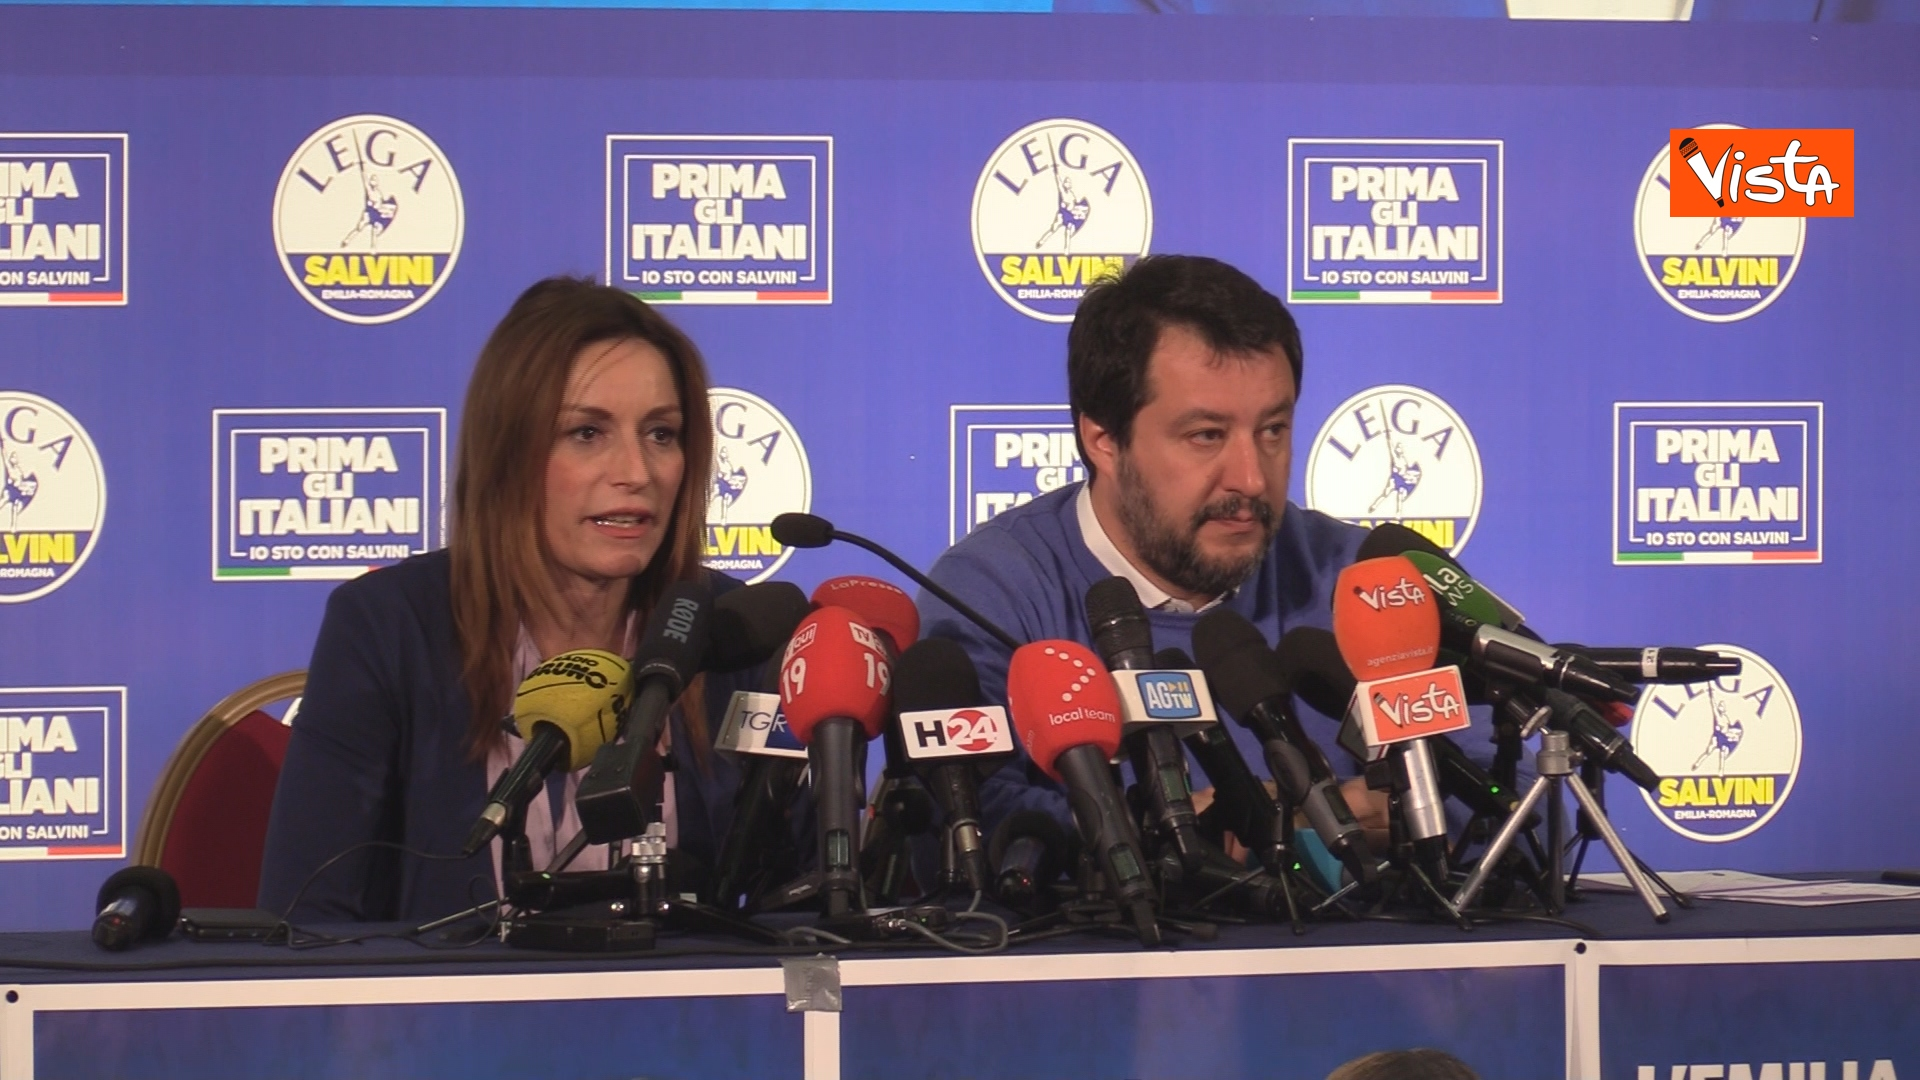 27-01-20 Salvini e Borgonzoni in conferenza stampa sul risultato del voto in Emilia-Romagna, le immagini_03